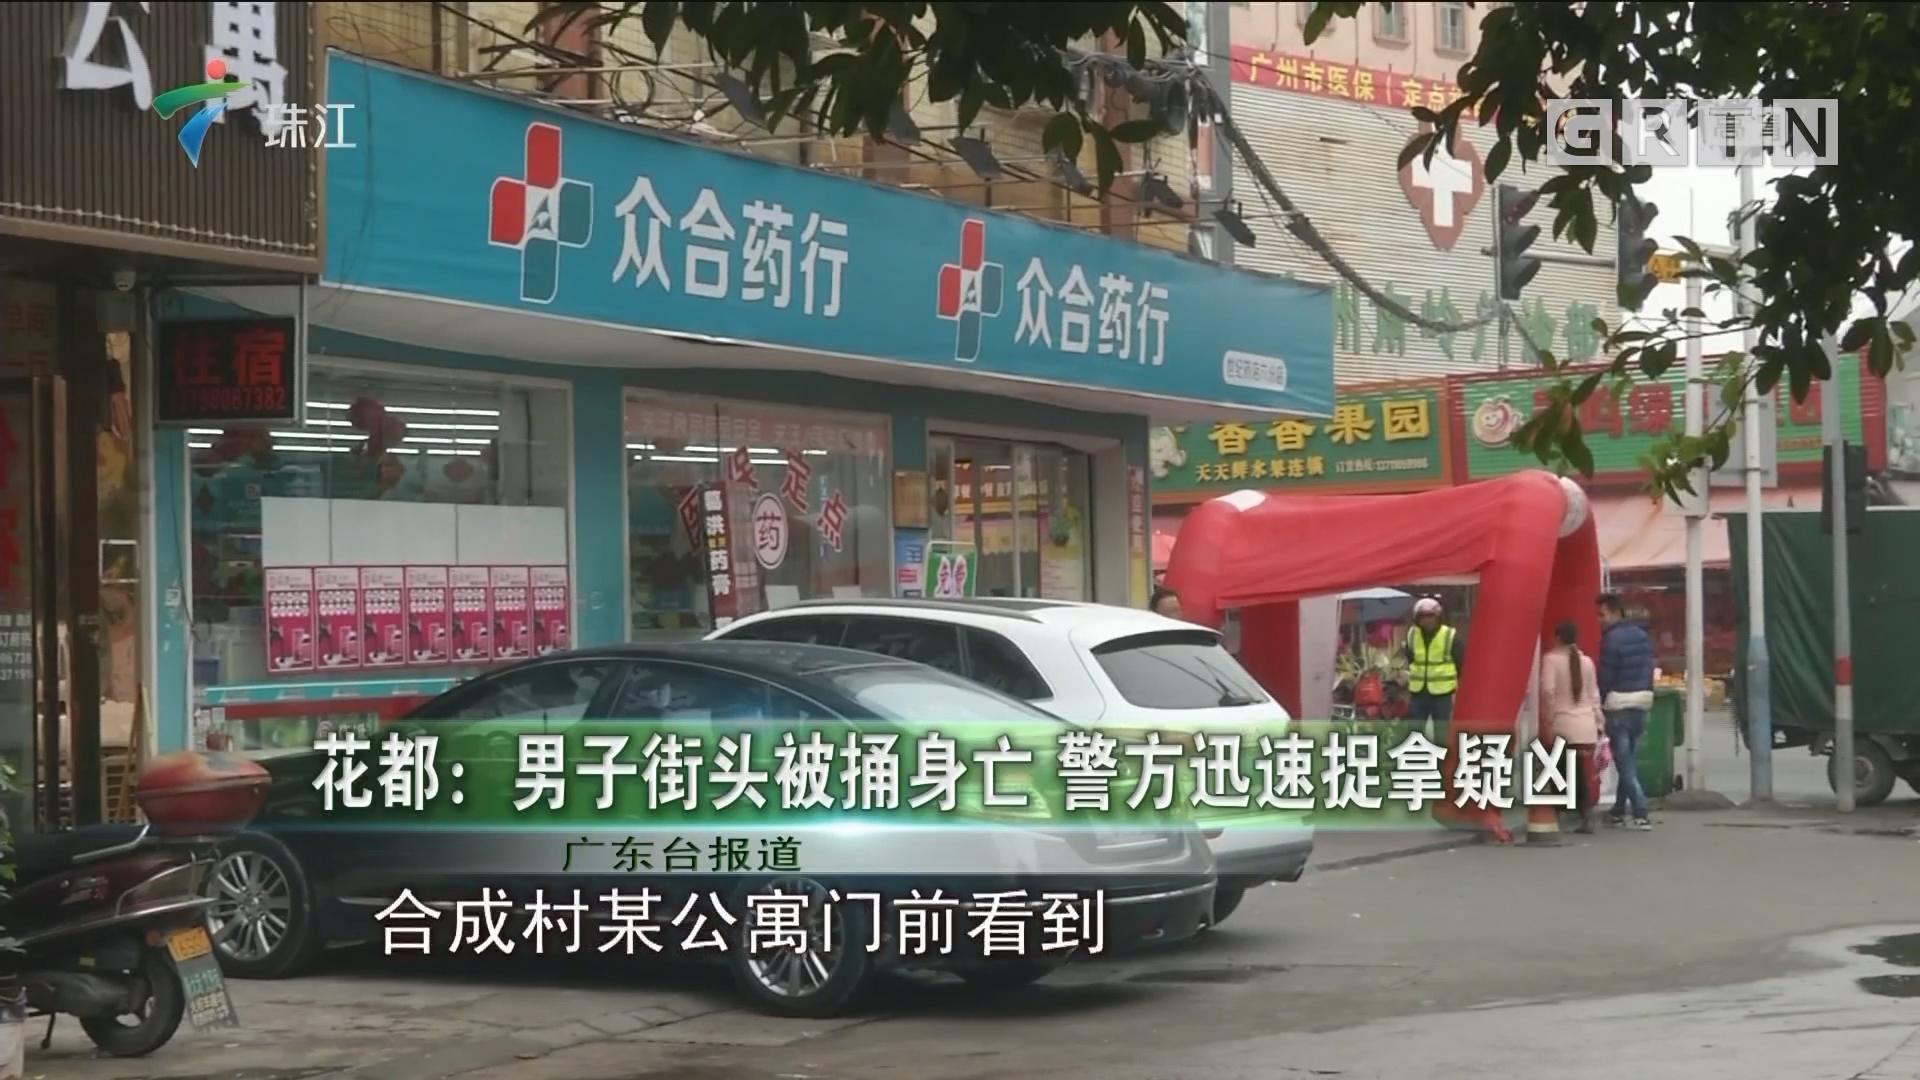 花都:男子街头被捅身亡 警方迅速捉拿疑凶